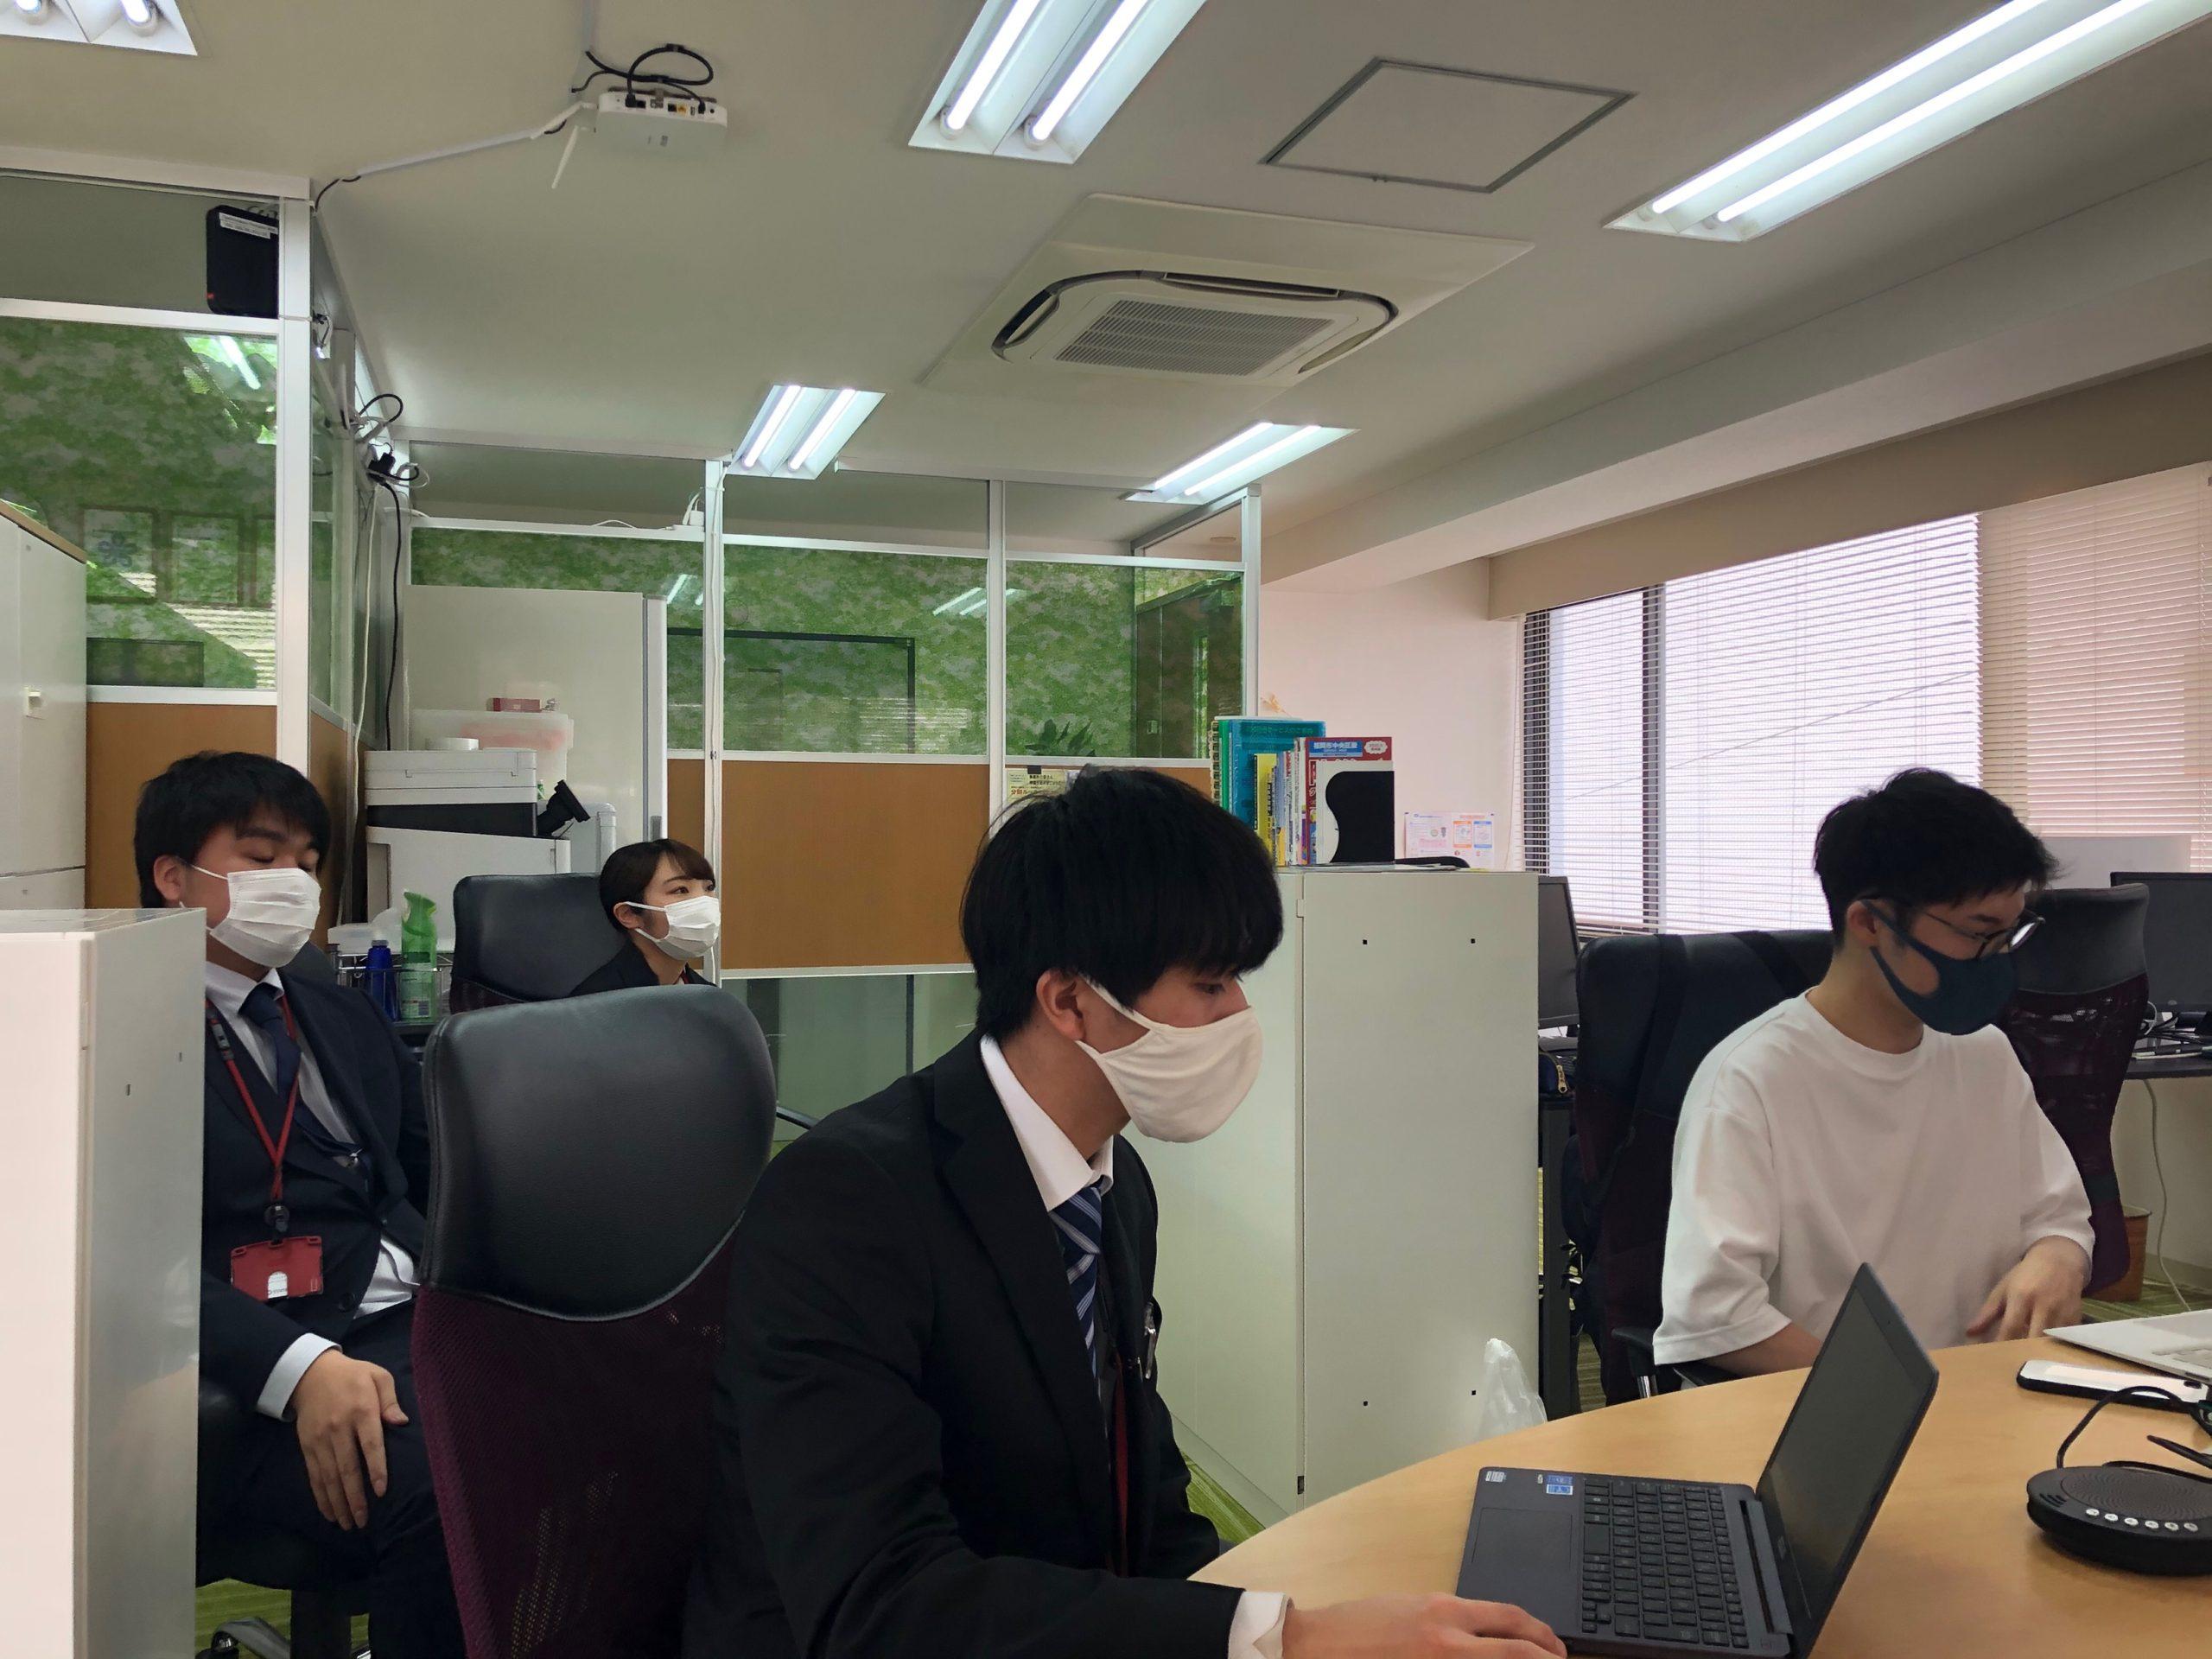 社内で新入社員の登壇発表を実施!